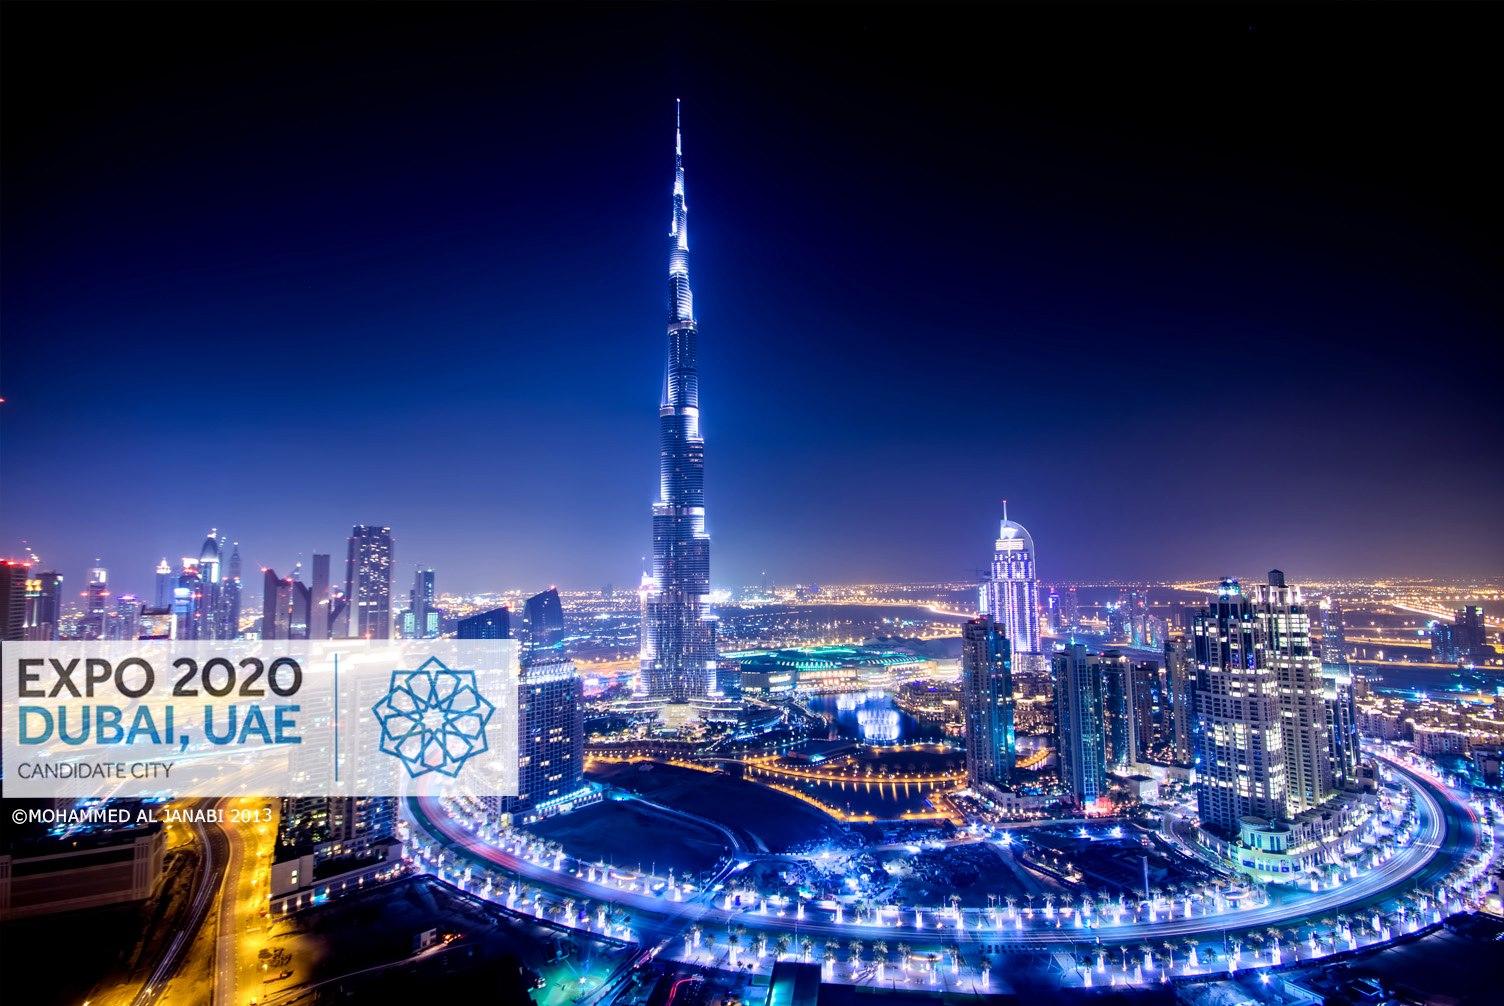 Dubai forex expo 2020